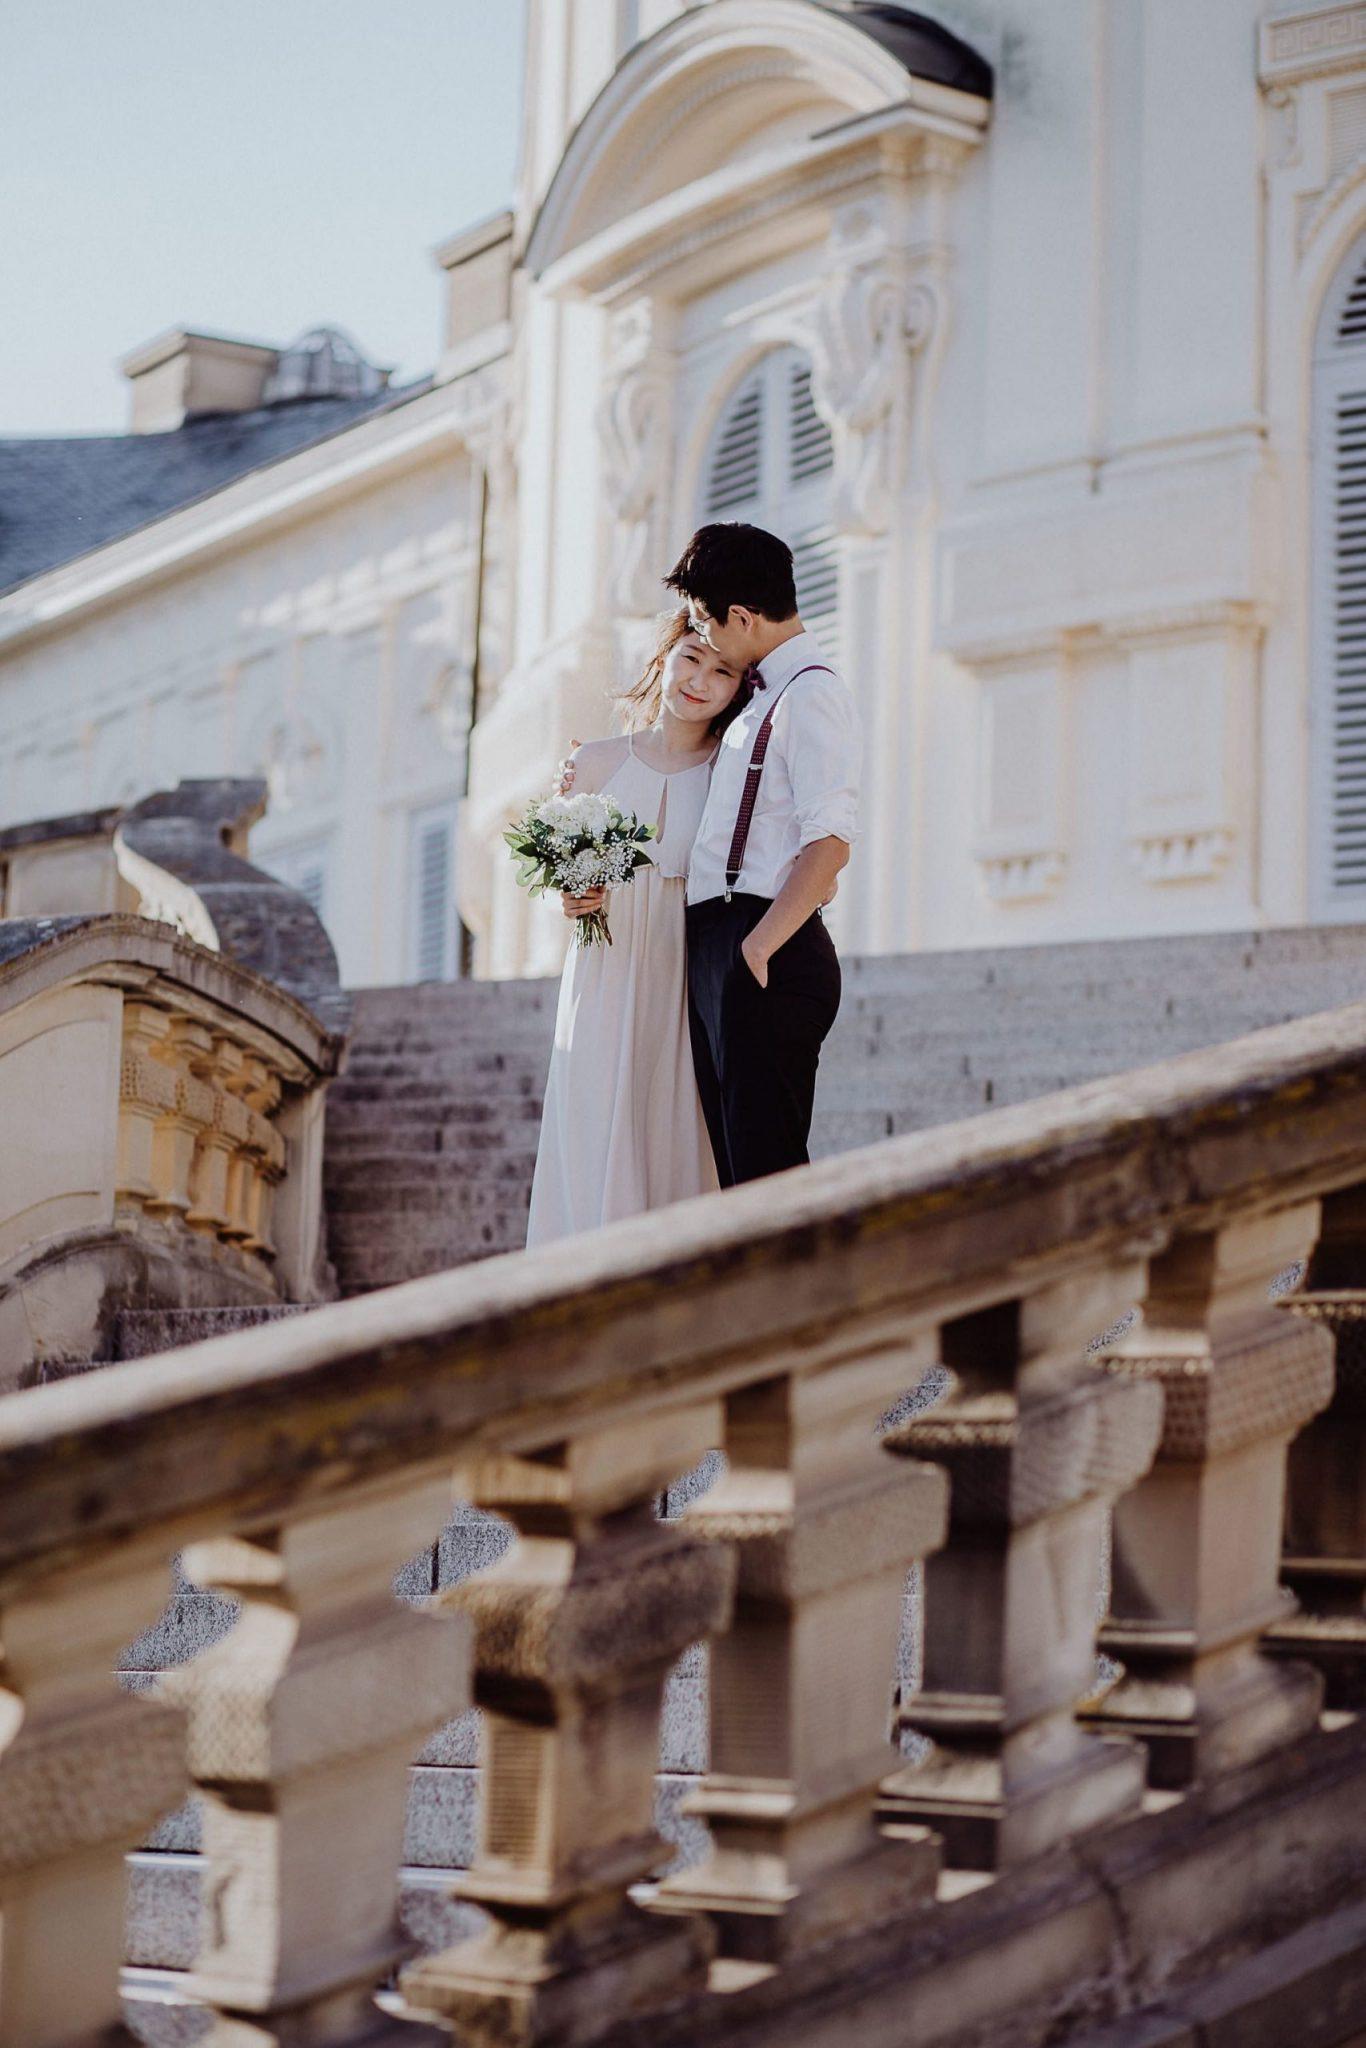 wedding photographer hamilton new zealand 1006 6 scaled